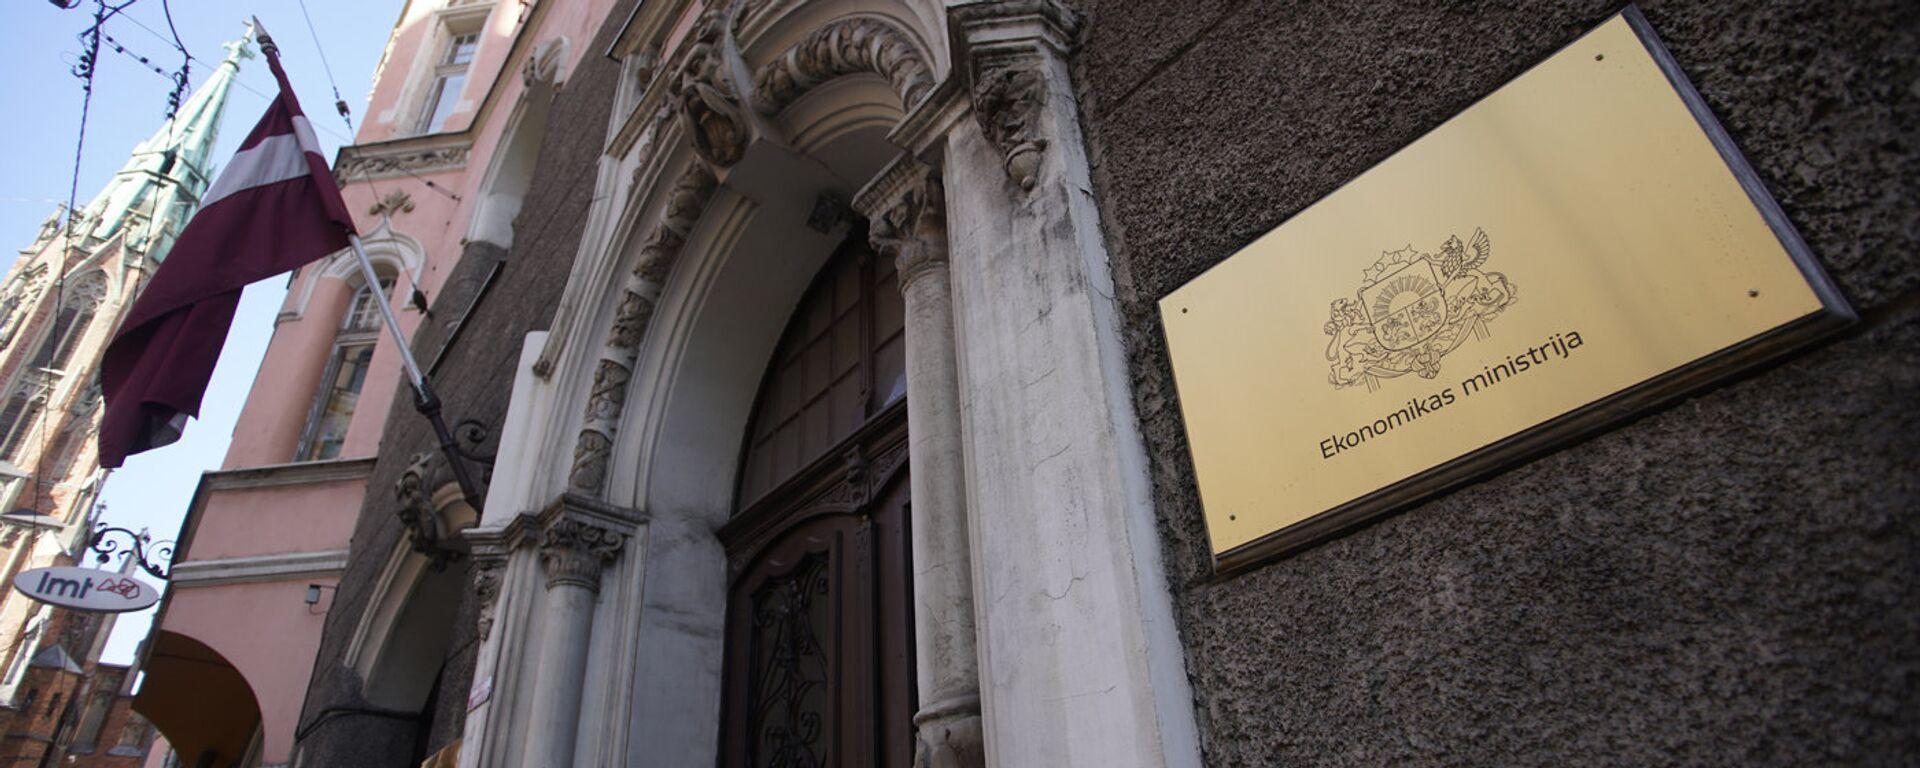 Здание Министерства экономики Латвии - Sputnik Латвия, 1920, 02.07.2021